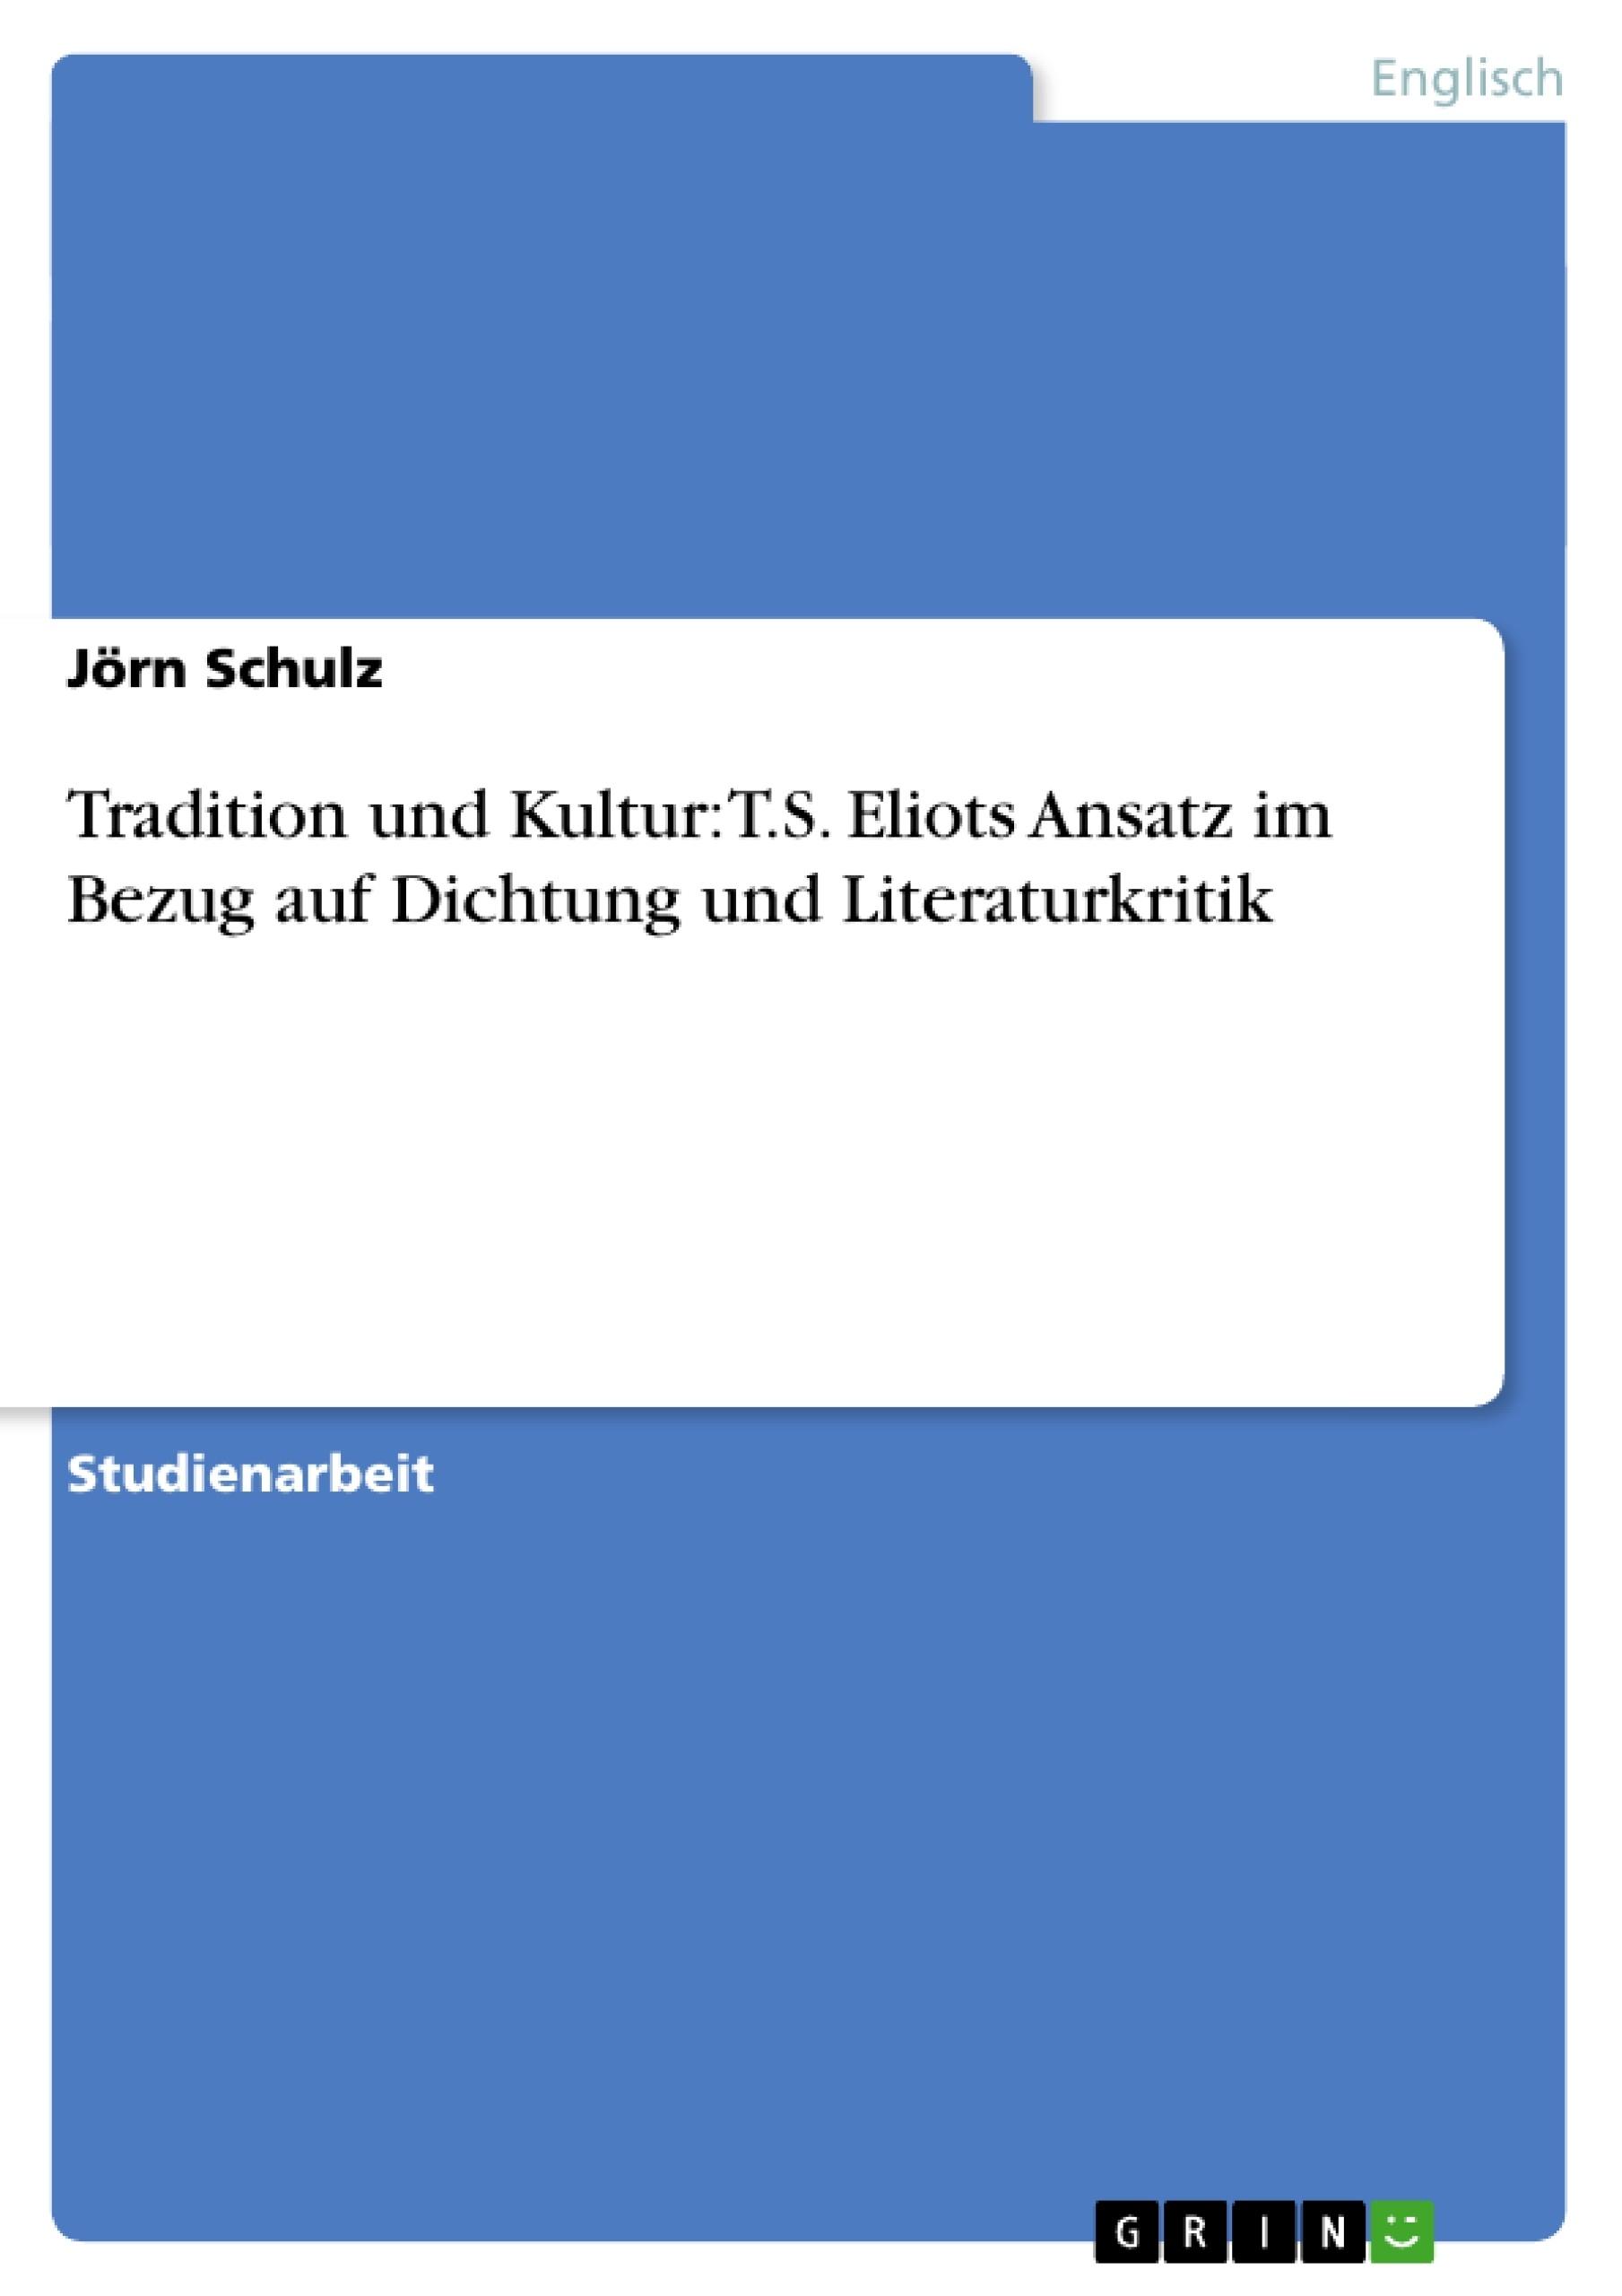 Titel: Tradition und Kultur: T.S. Eliots Ansatz im Bezug auf Dichtung und Literaturkritik